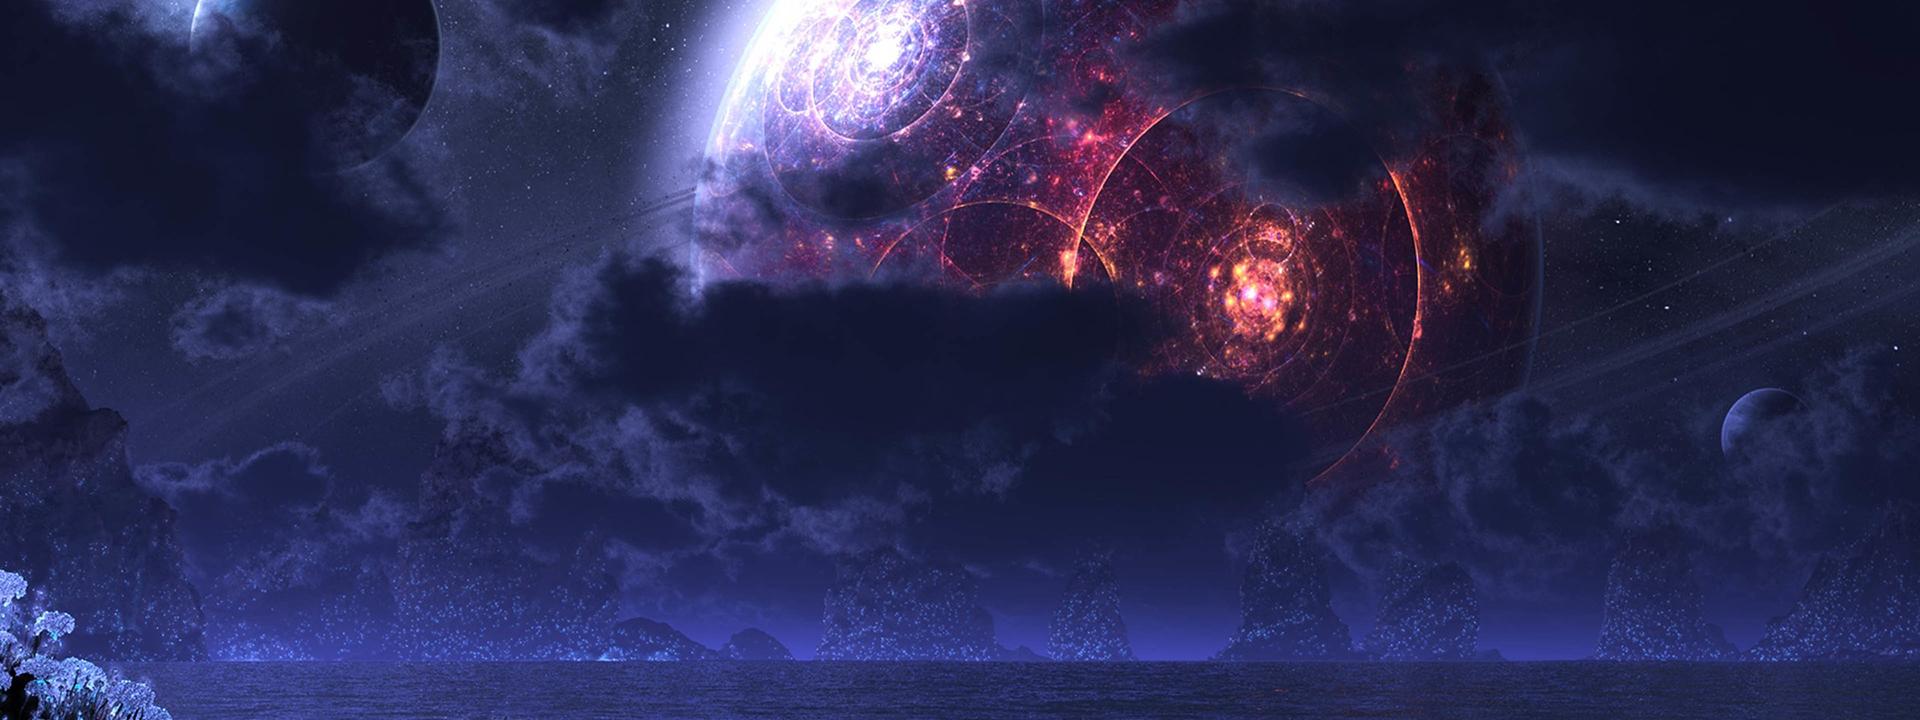 taobao banni u00e8re l univers de l espace magnifique image de